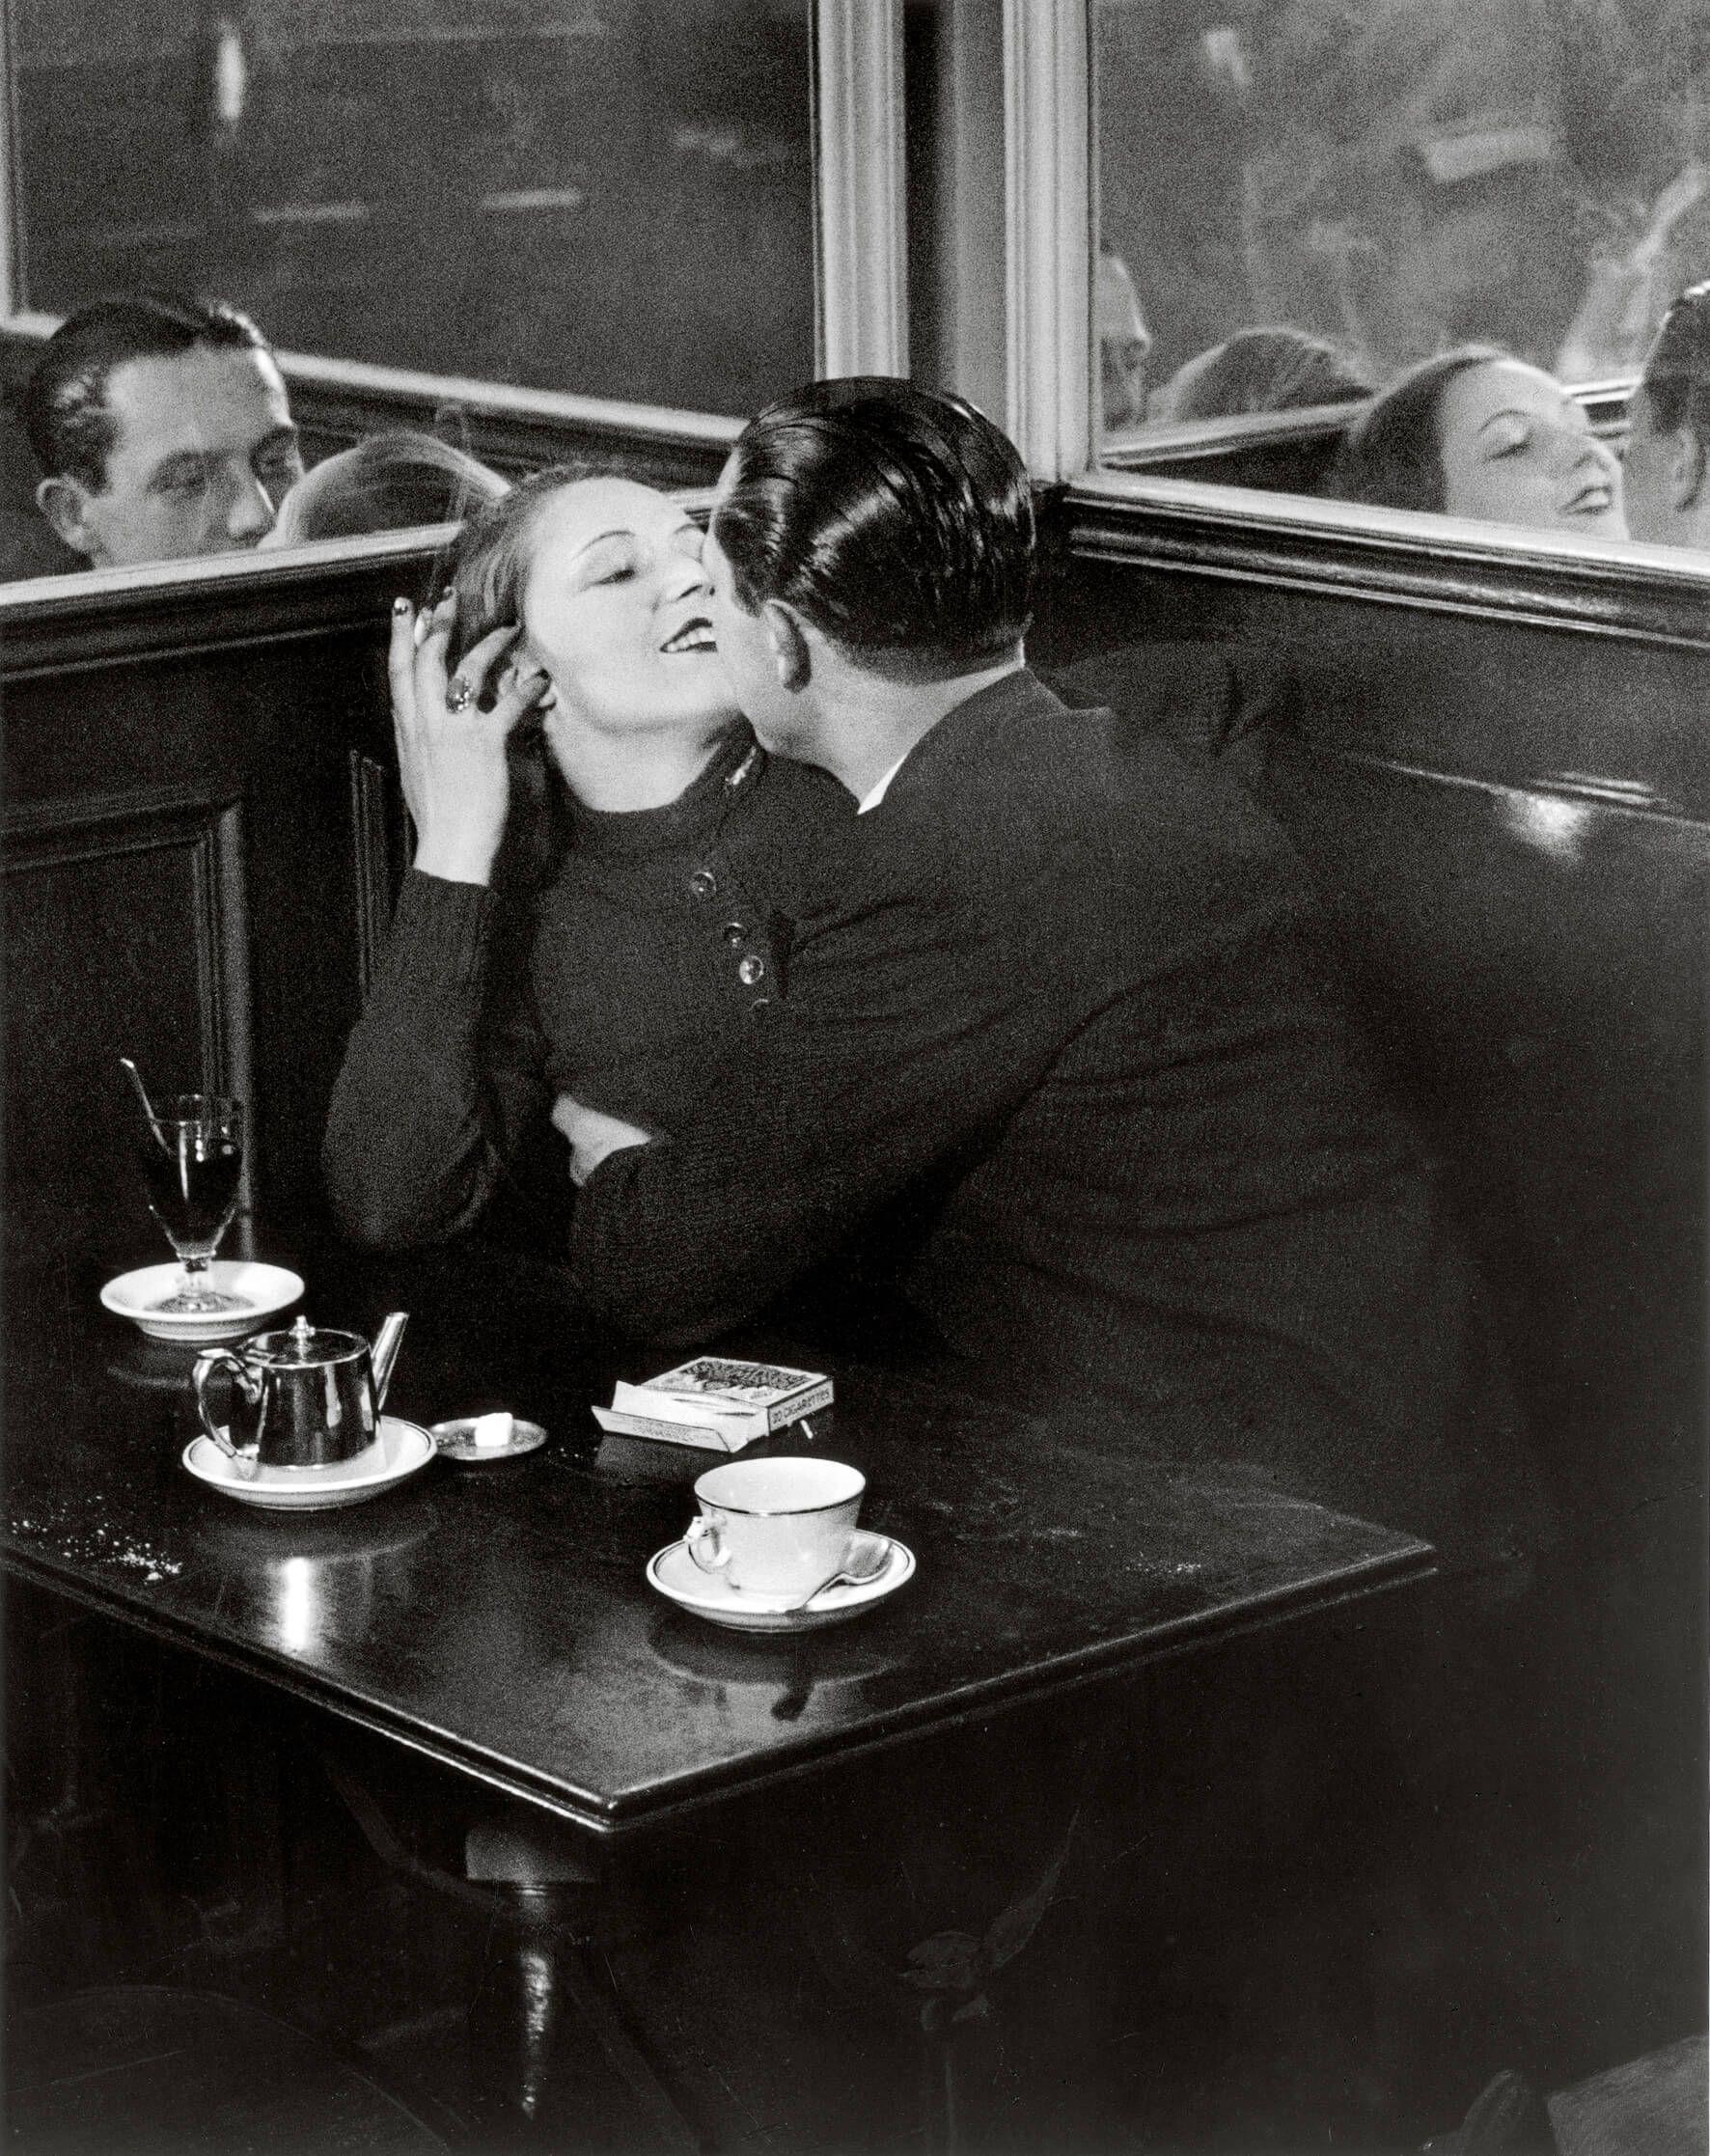 Любовники впарижском кафе, 1932год. Источник: cult-mag.de